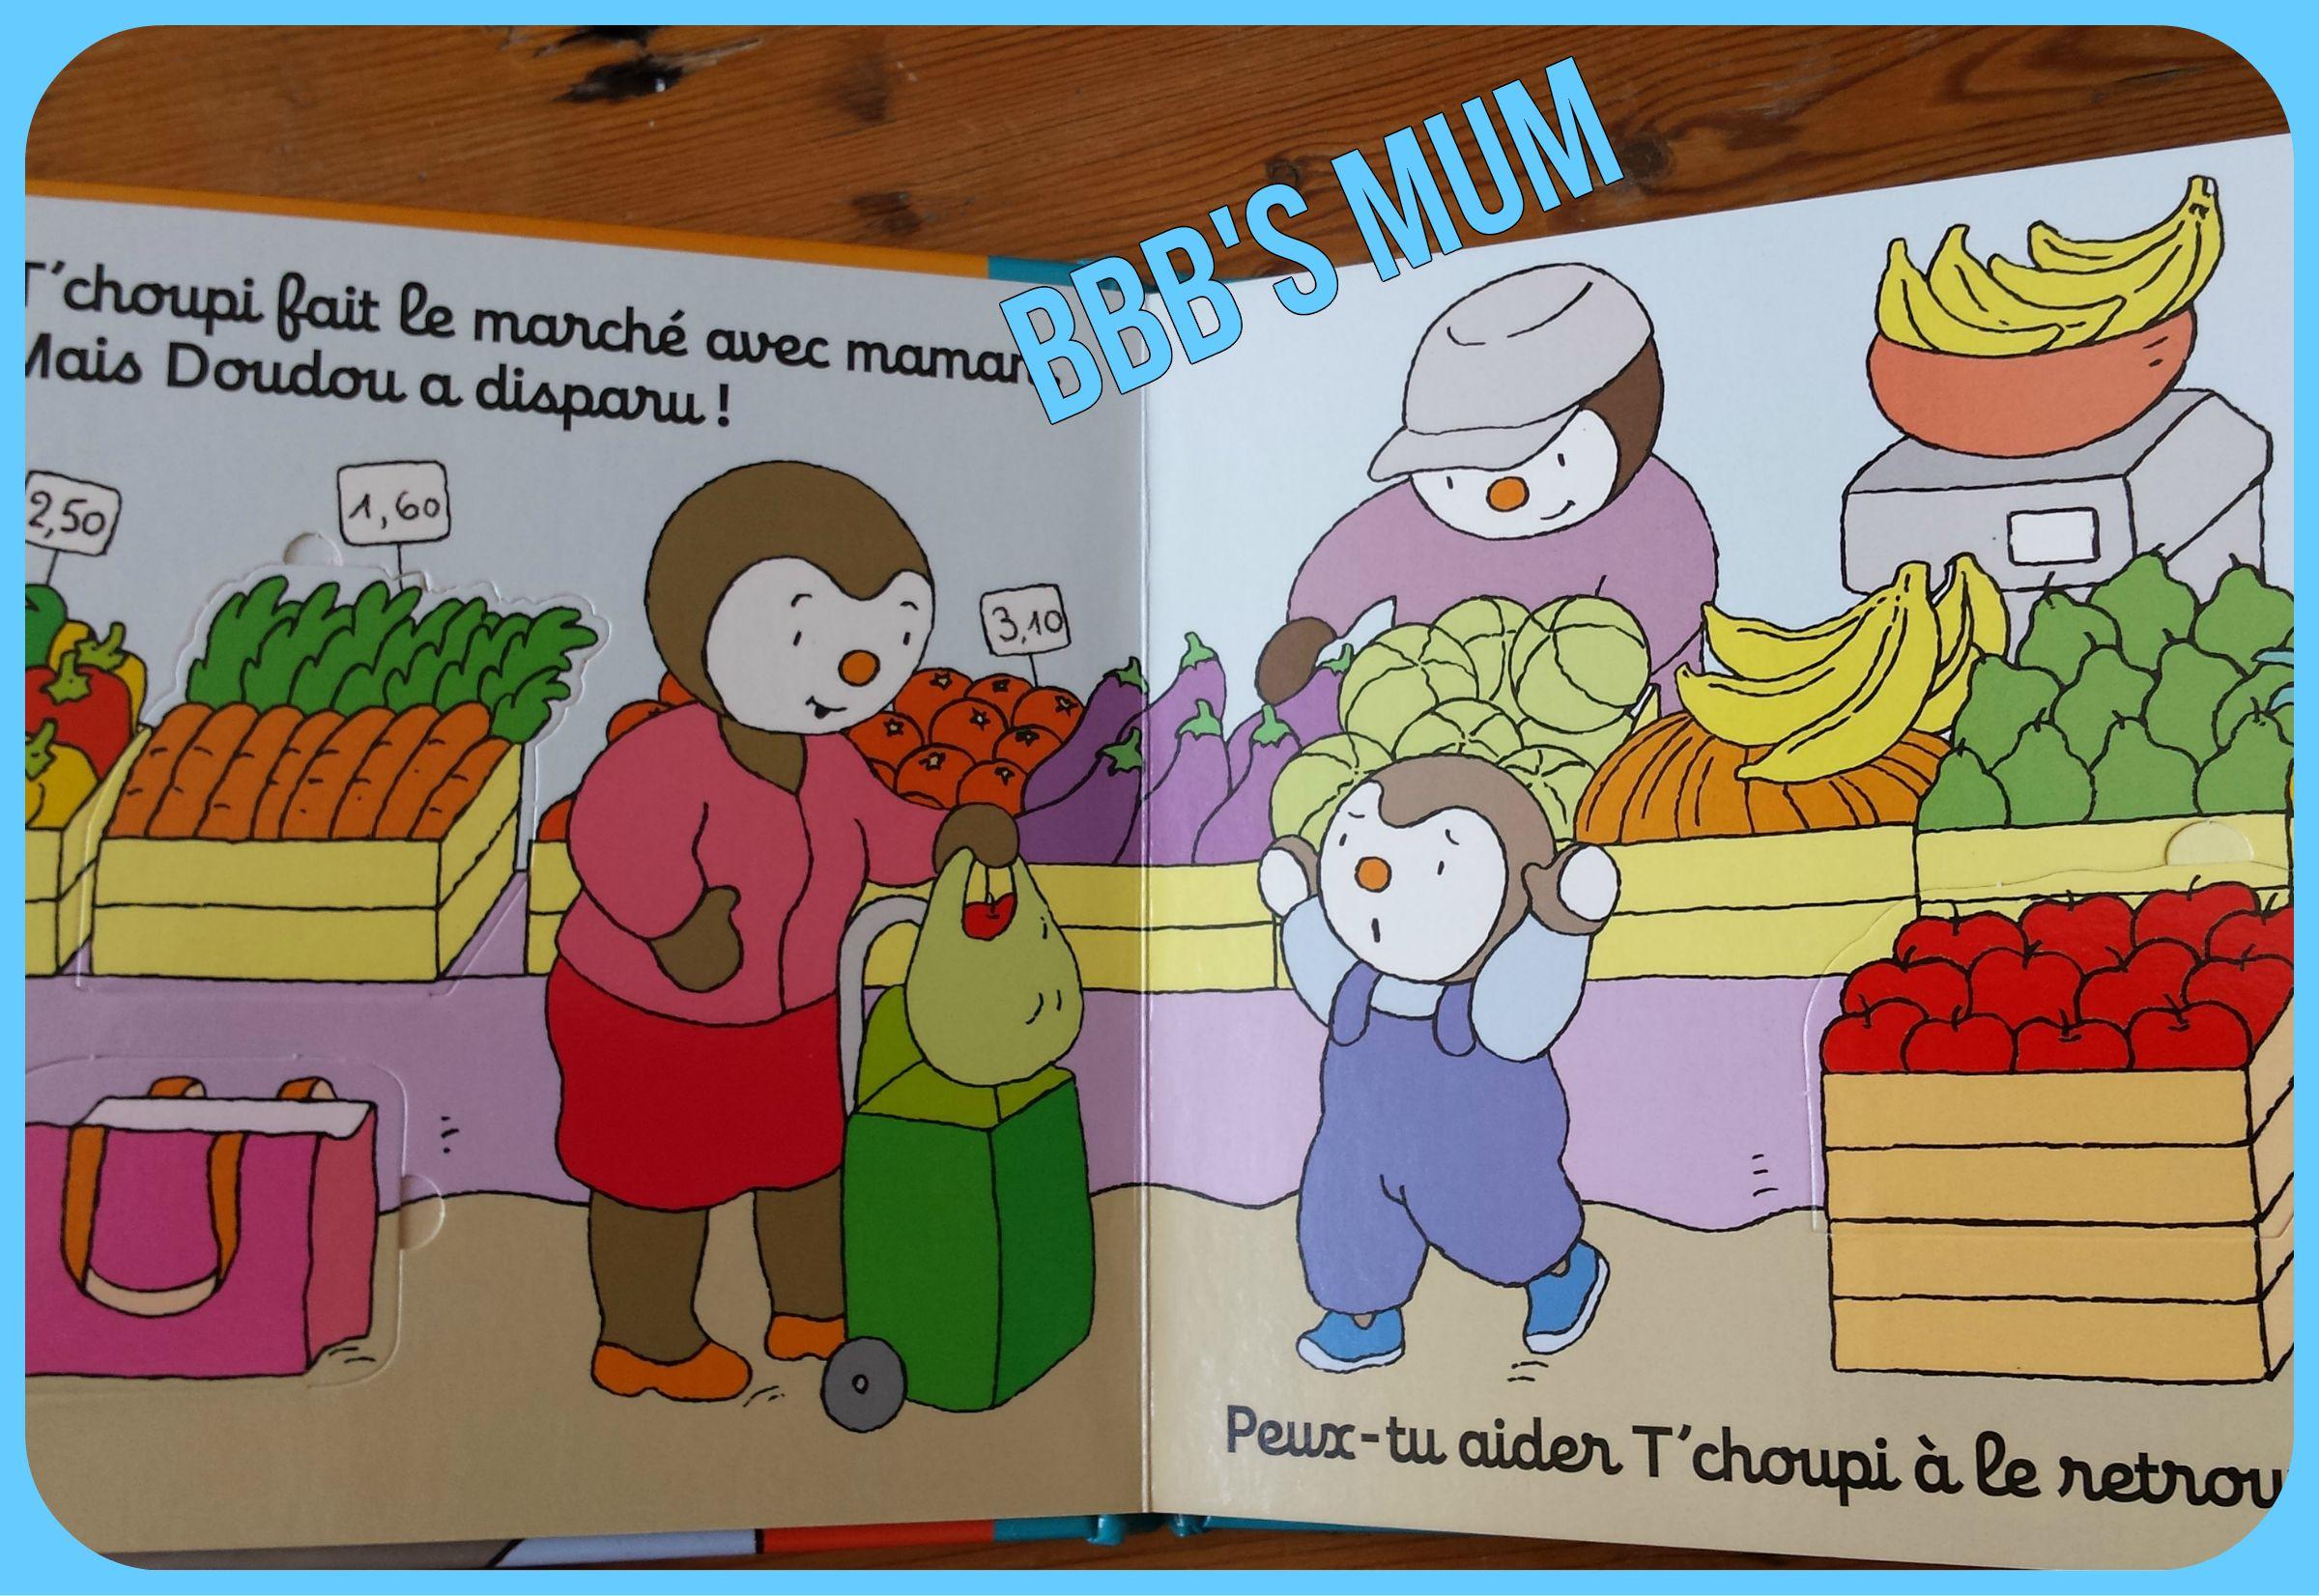 T'choupi L'ami Des Petits   Bbb's Mum pour Tchoupi Au Marché